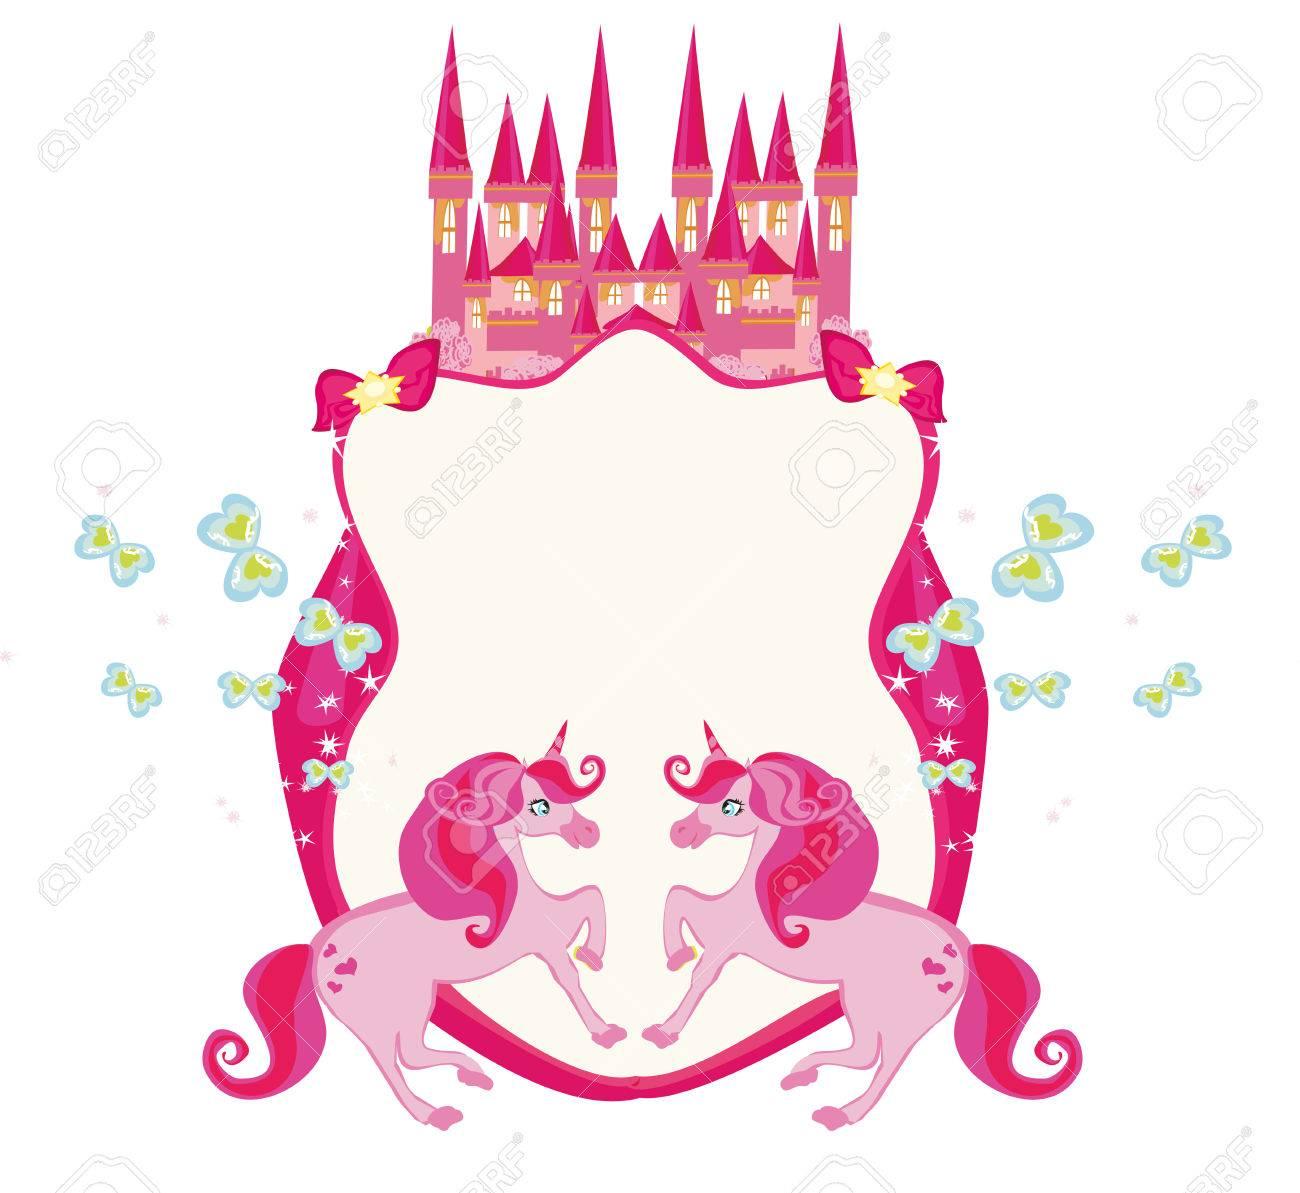 Marco De Cuento De Hadas Con El Castillo Mágico De Color Rosa Y ...